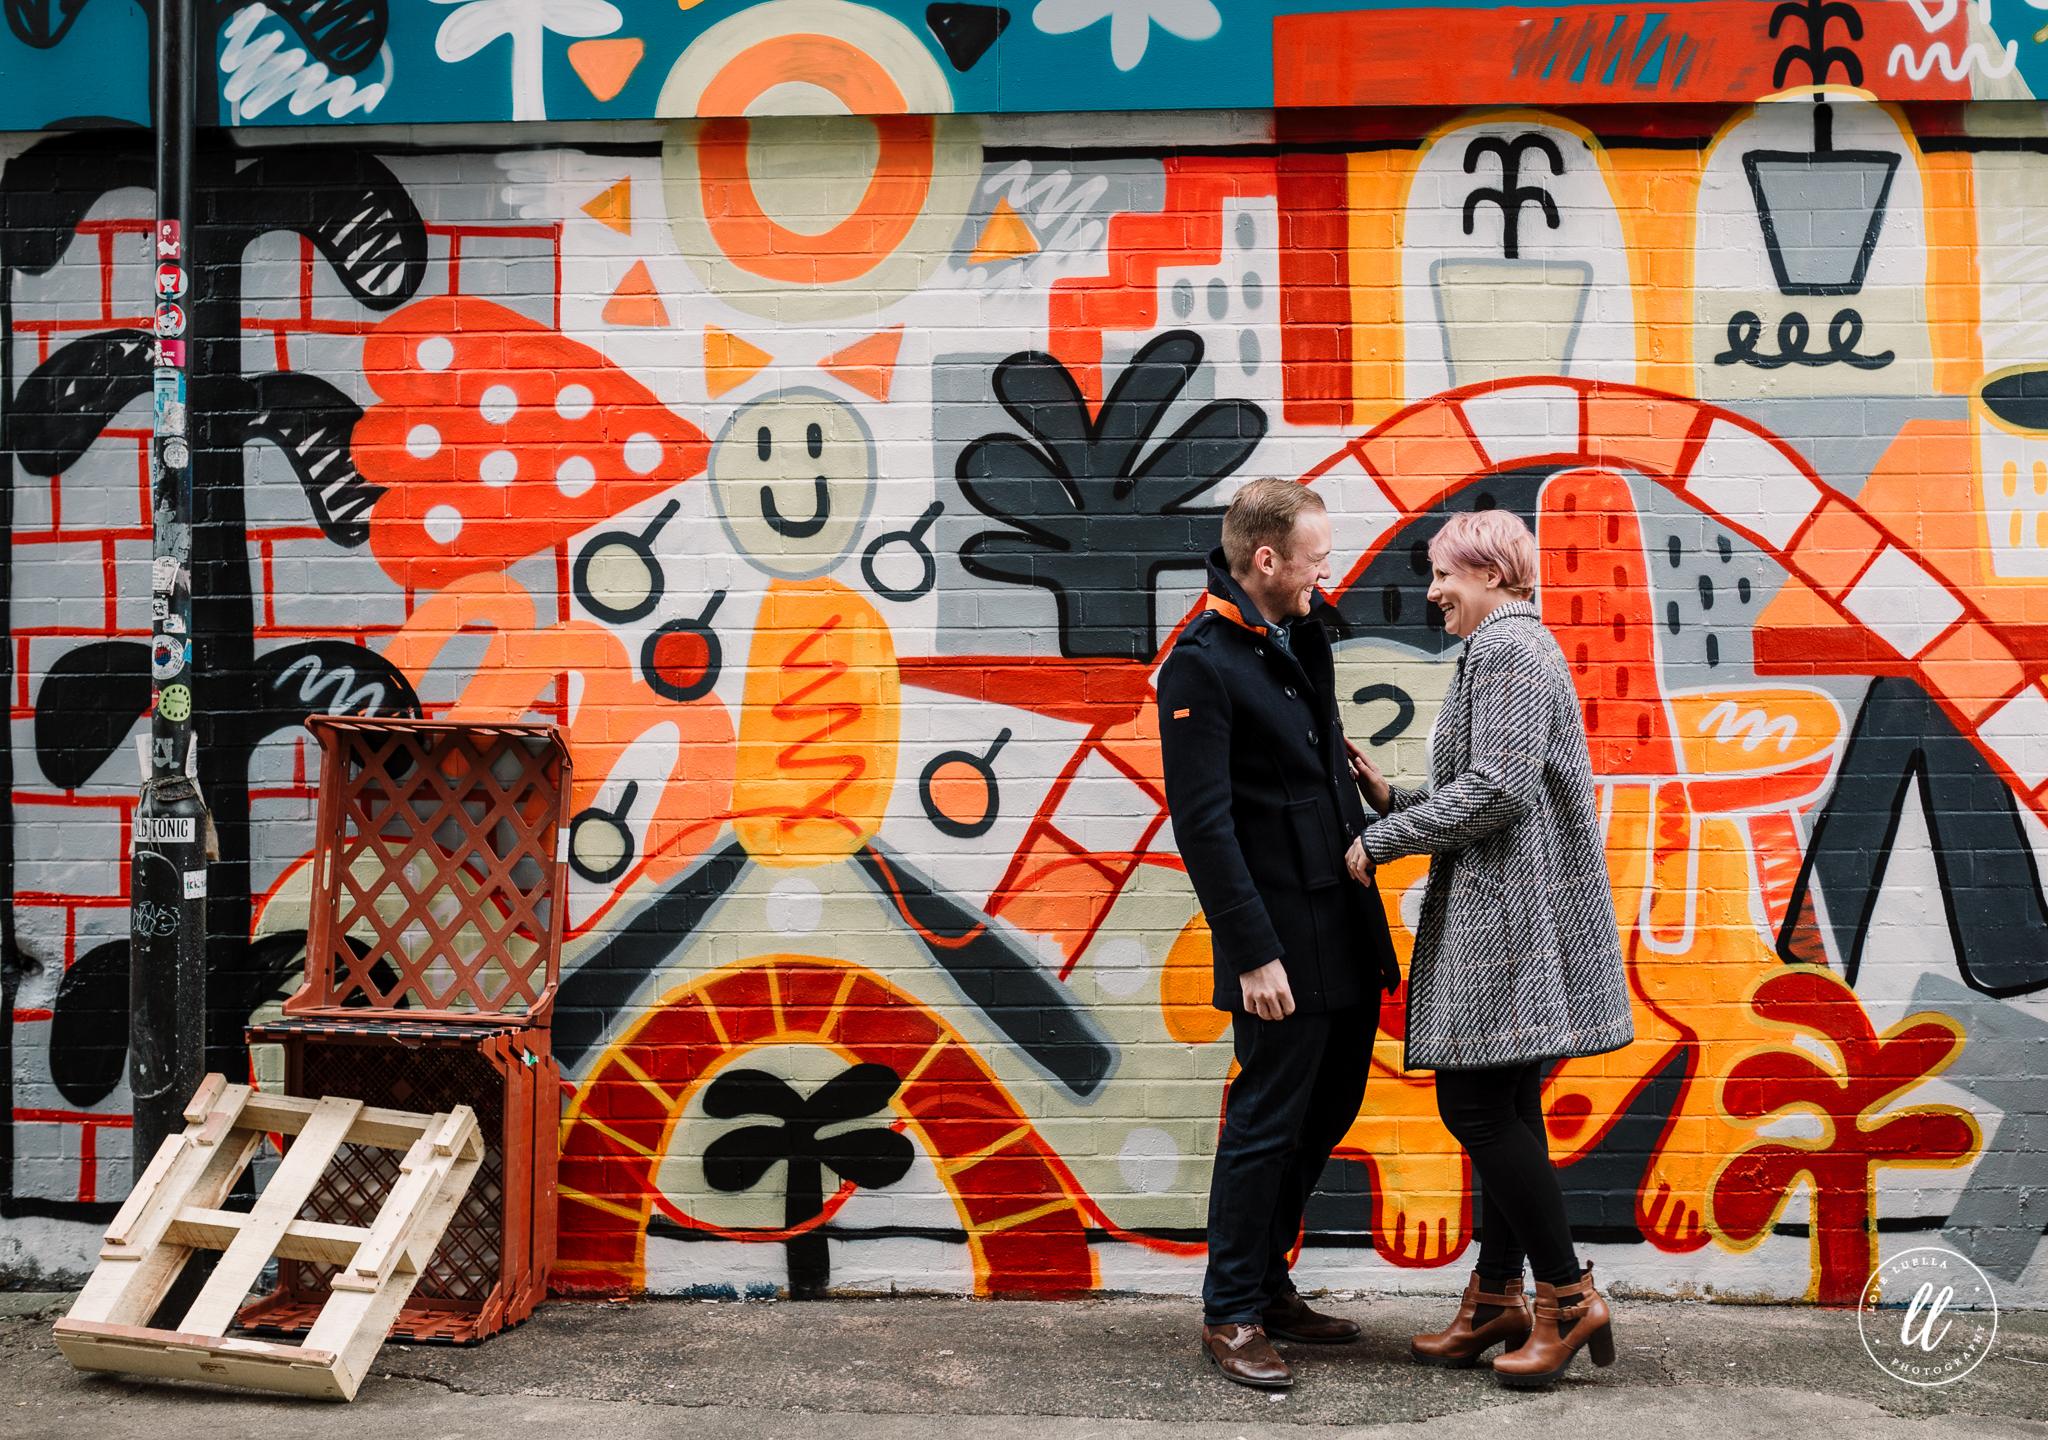 nq graffiti couple photography